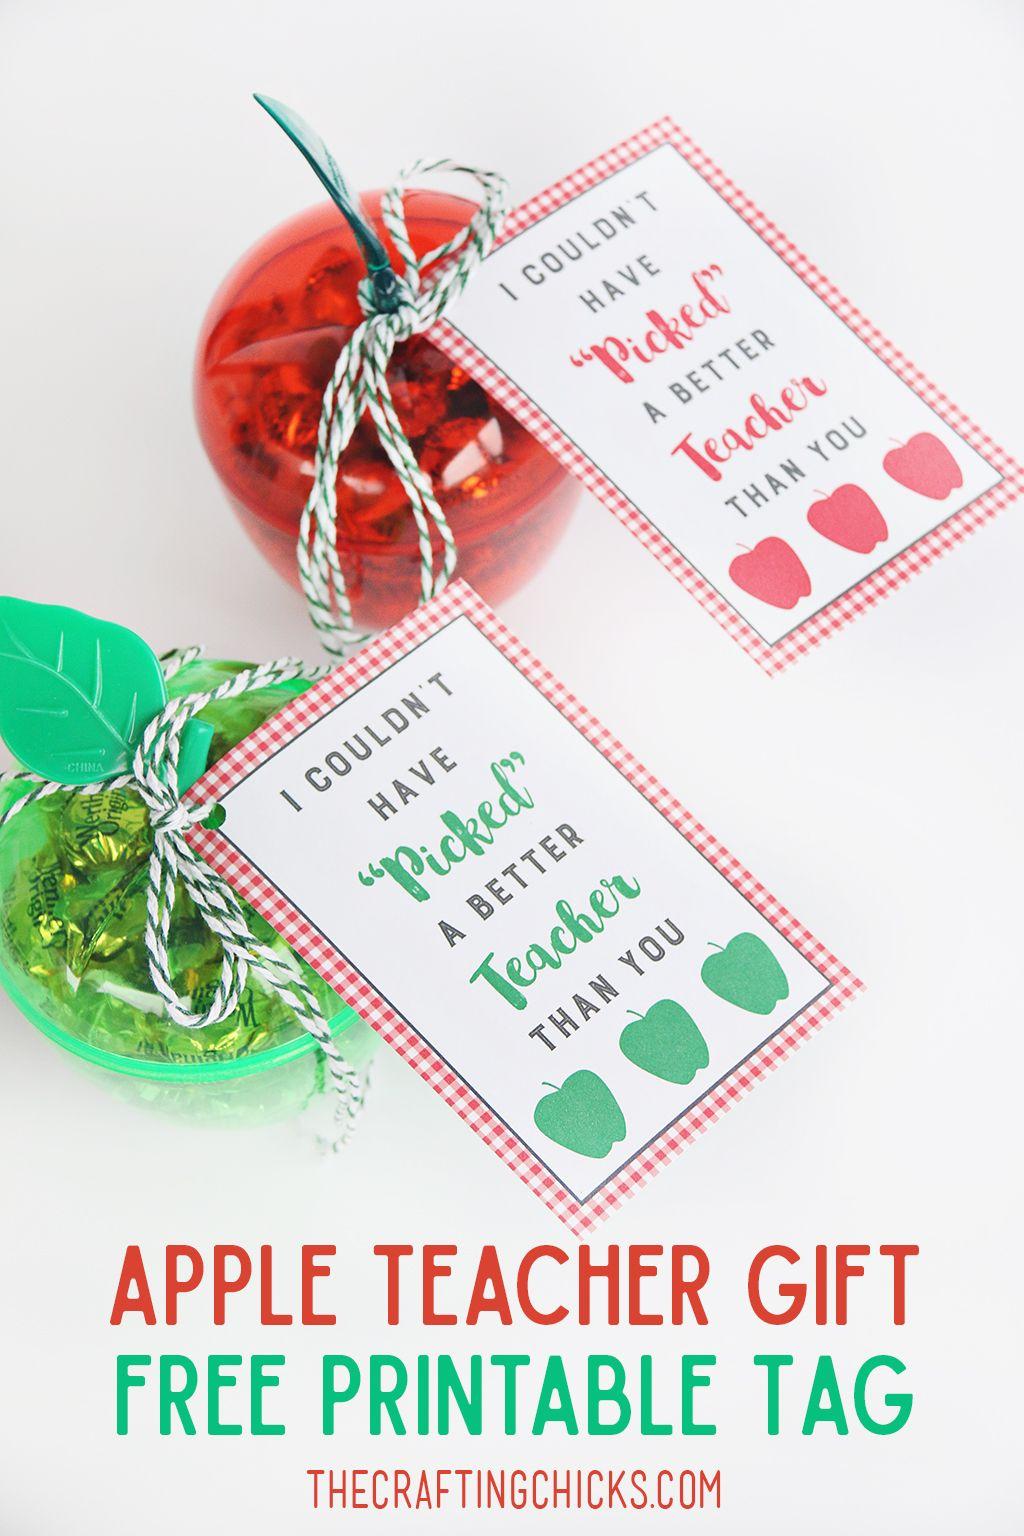 Https Thecraftingchicks Com Apple Teacher Gift Tag Printable Teacher Gift Printables Apple Teacher Gifts Teacher Gift Tags